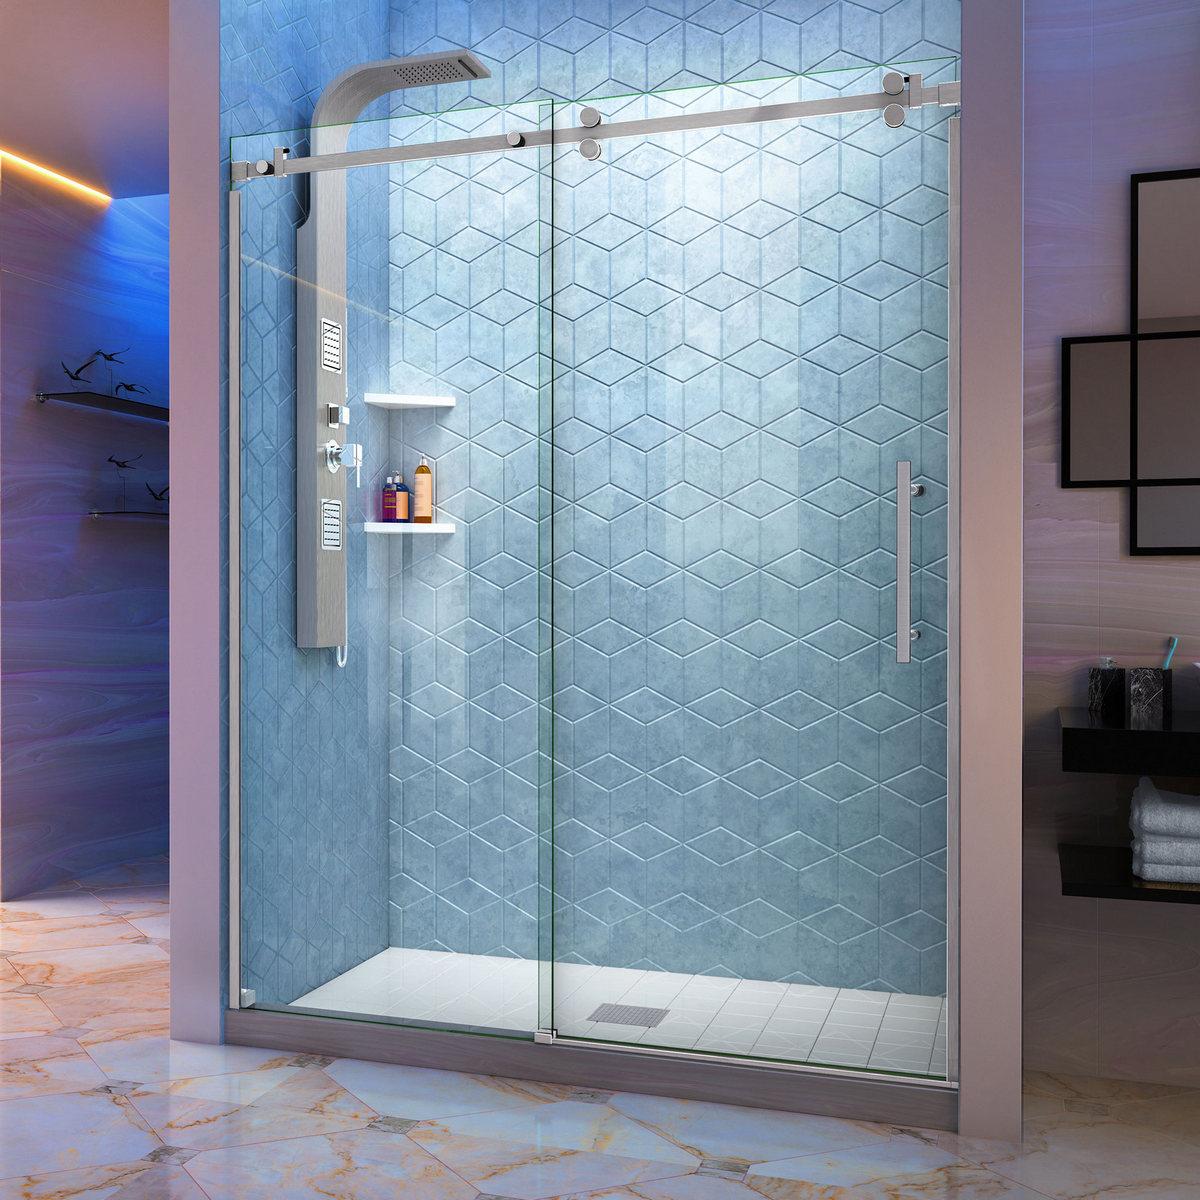 Dreamline Enigma Sky Frameless Sliding Shower Door Brushed Stainless Steel